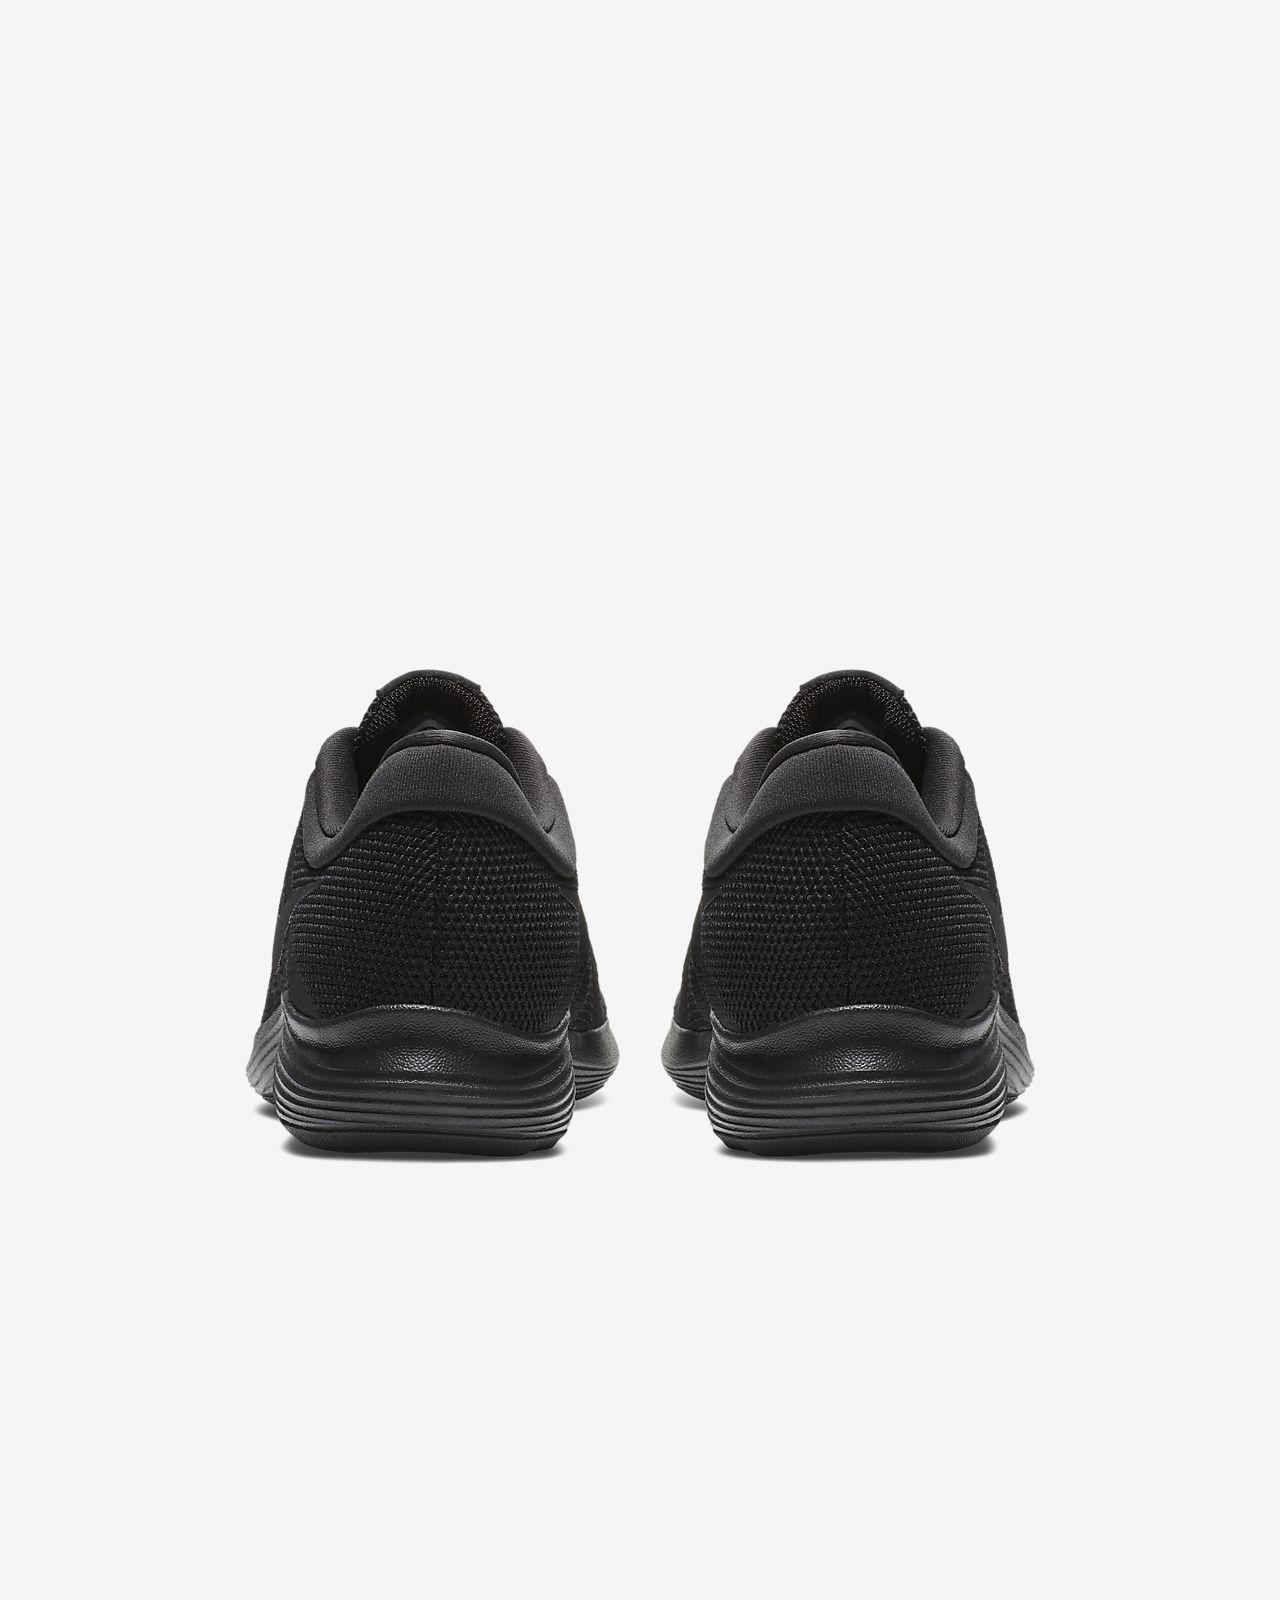 002 Revolution Chaussures Eu AJ3490 BlackBlack 4 NIKE 76fybg